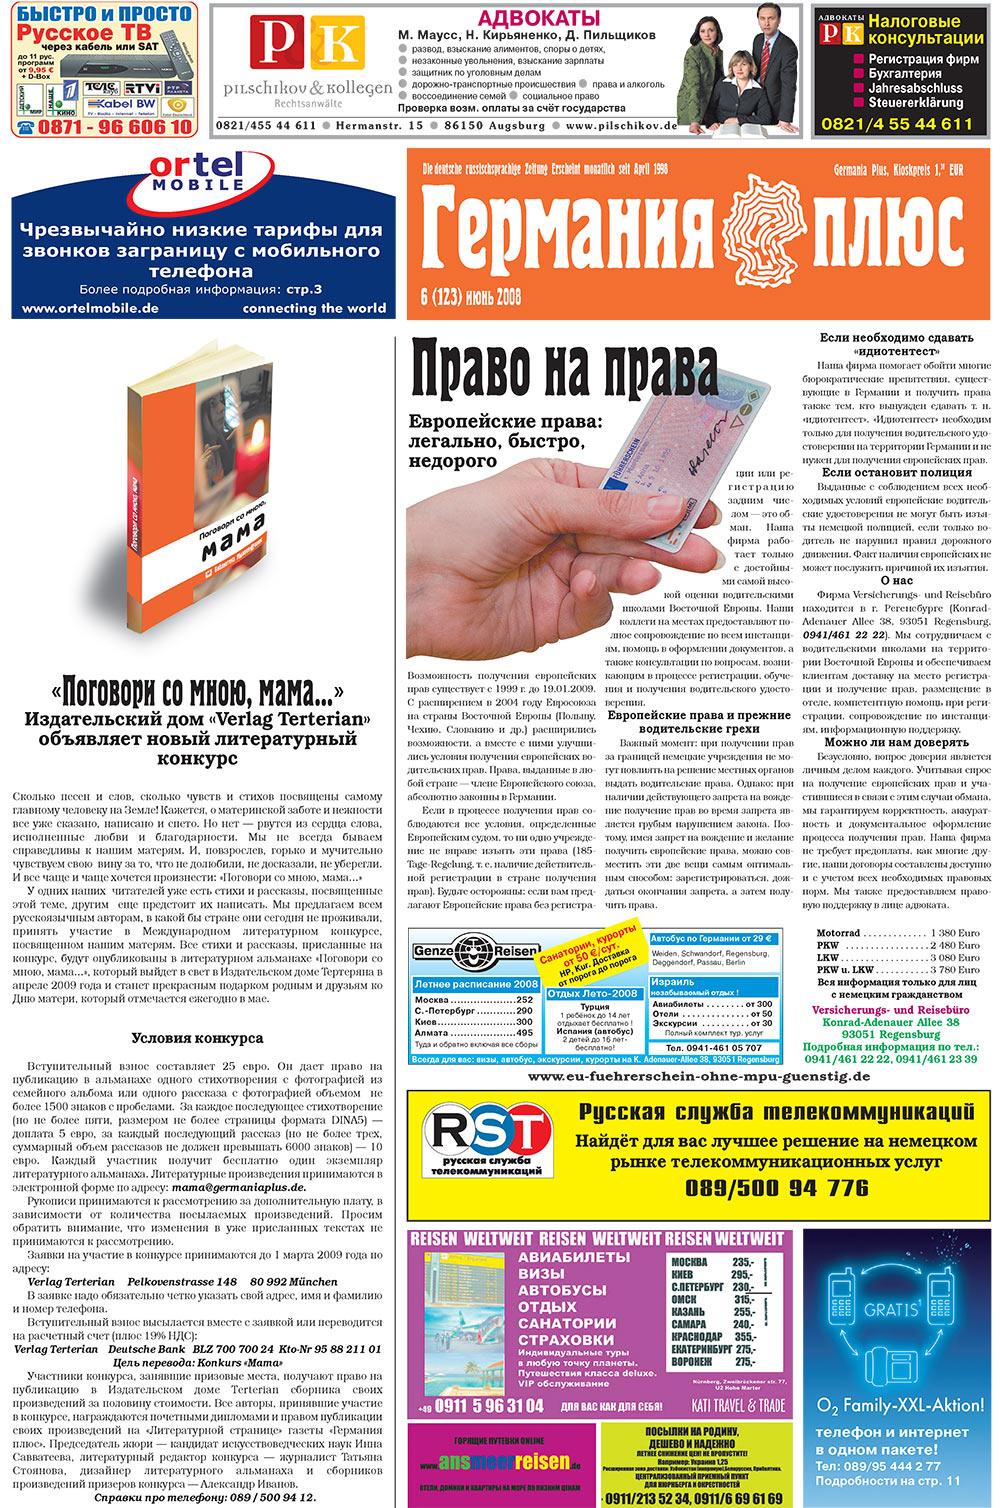 Германия плюс (газета). 2008 год, номер 6, стр. 1